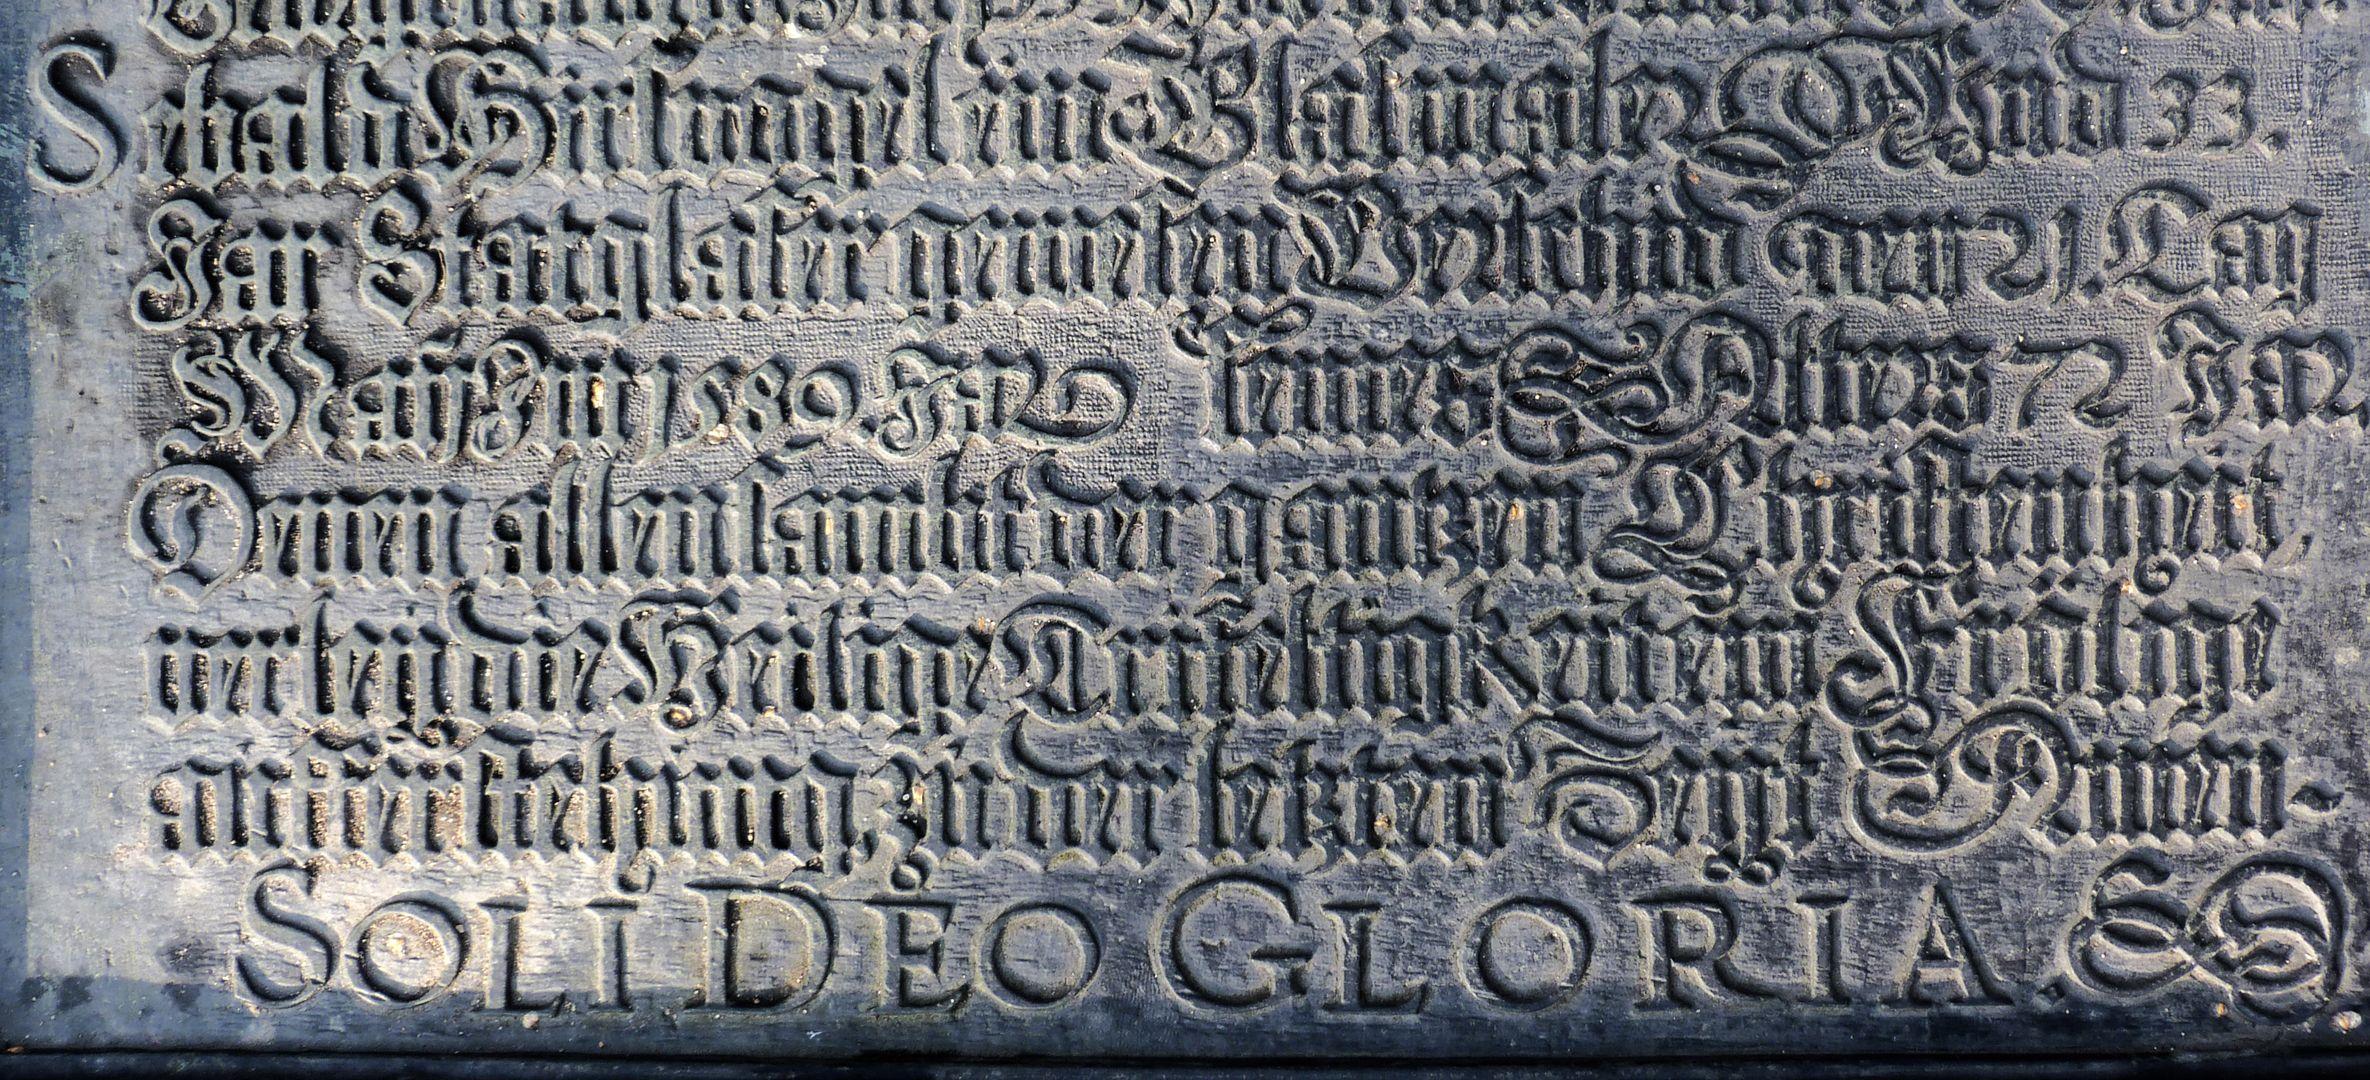 Hirsvogel Epitaph lower part of the panel with entry Sebald Hirsvogel